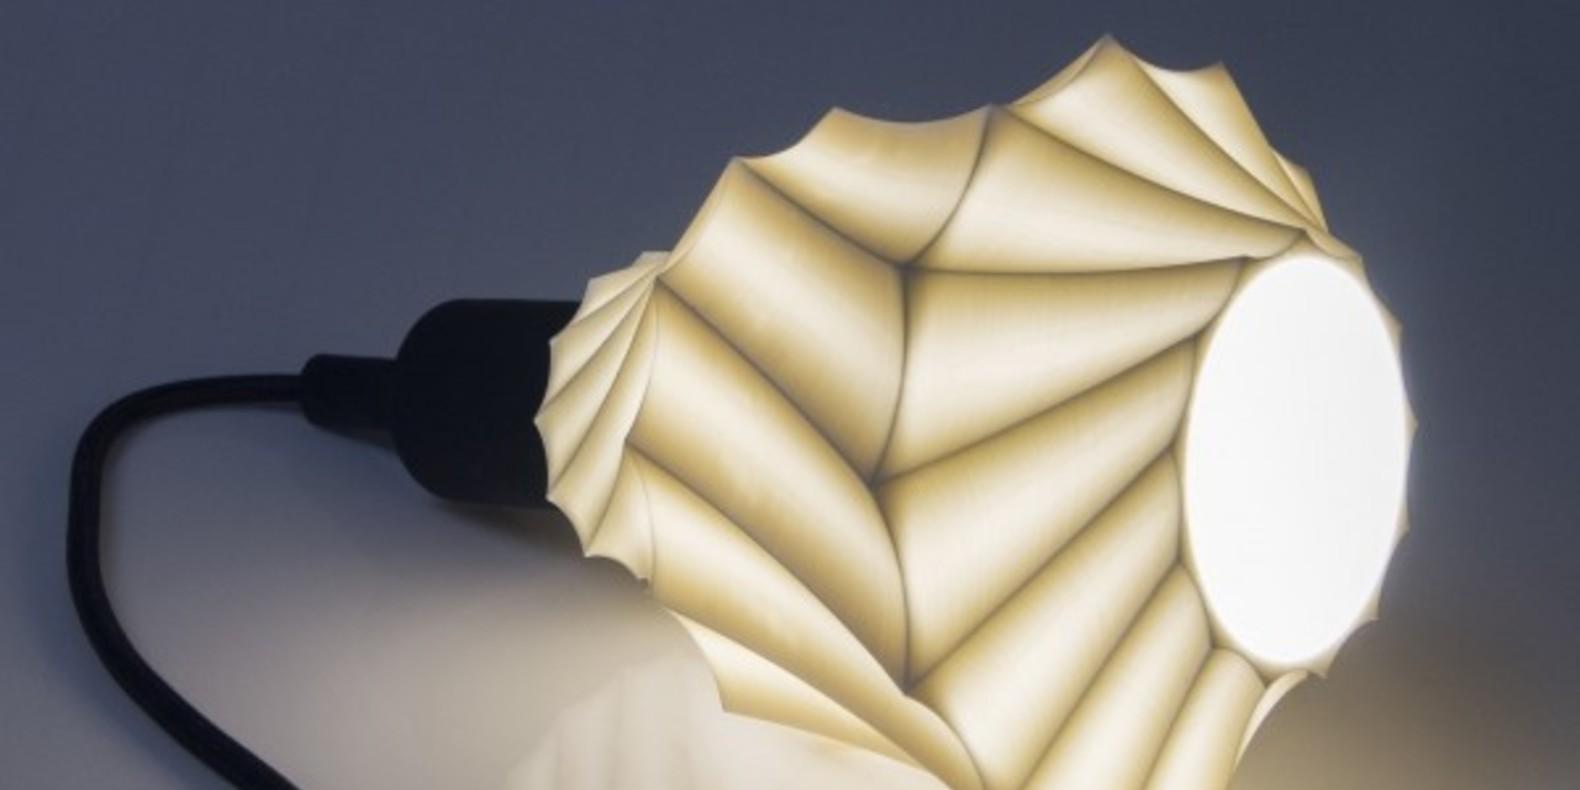 Une lampe imprimée en 3D inspirée de la forme d'un coquillage